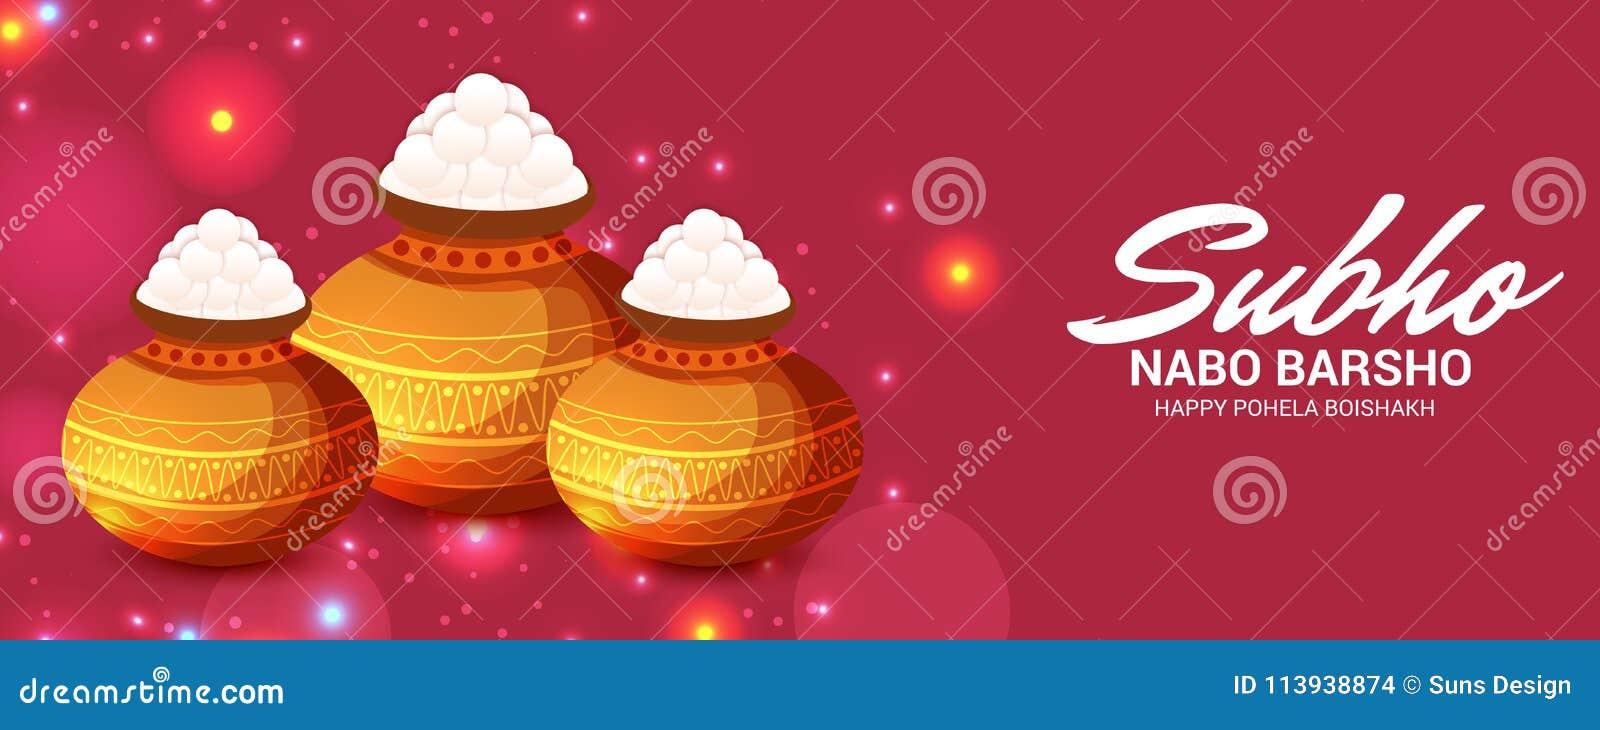 bengali new year subho nabo barshohappy pohela boishakh a mud pot fill with rasgulla